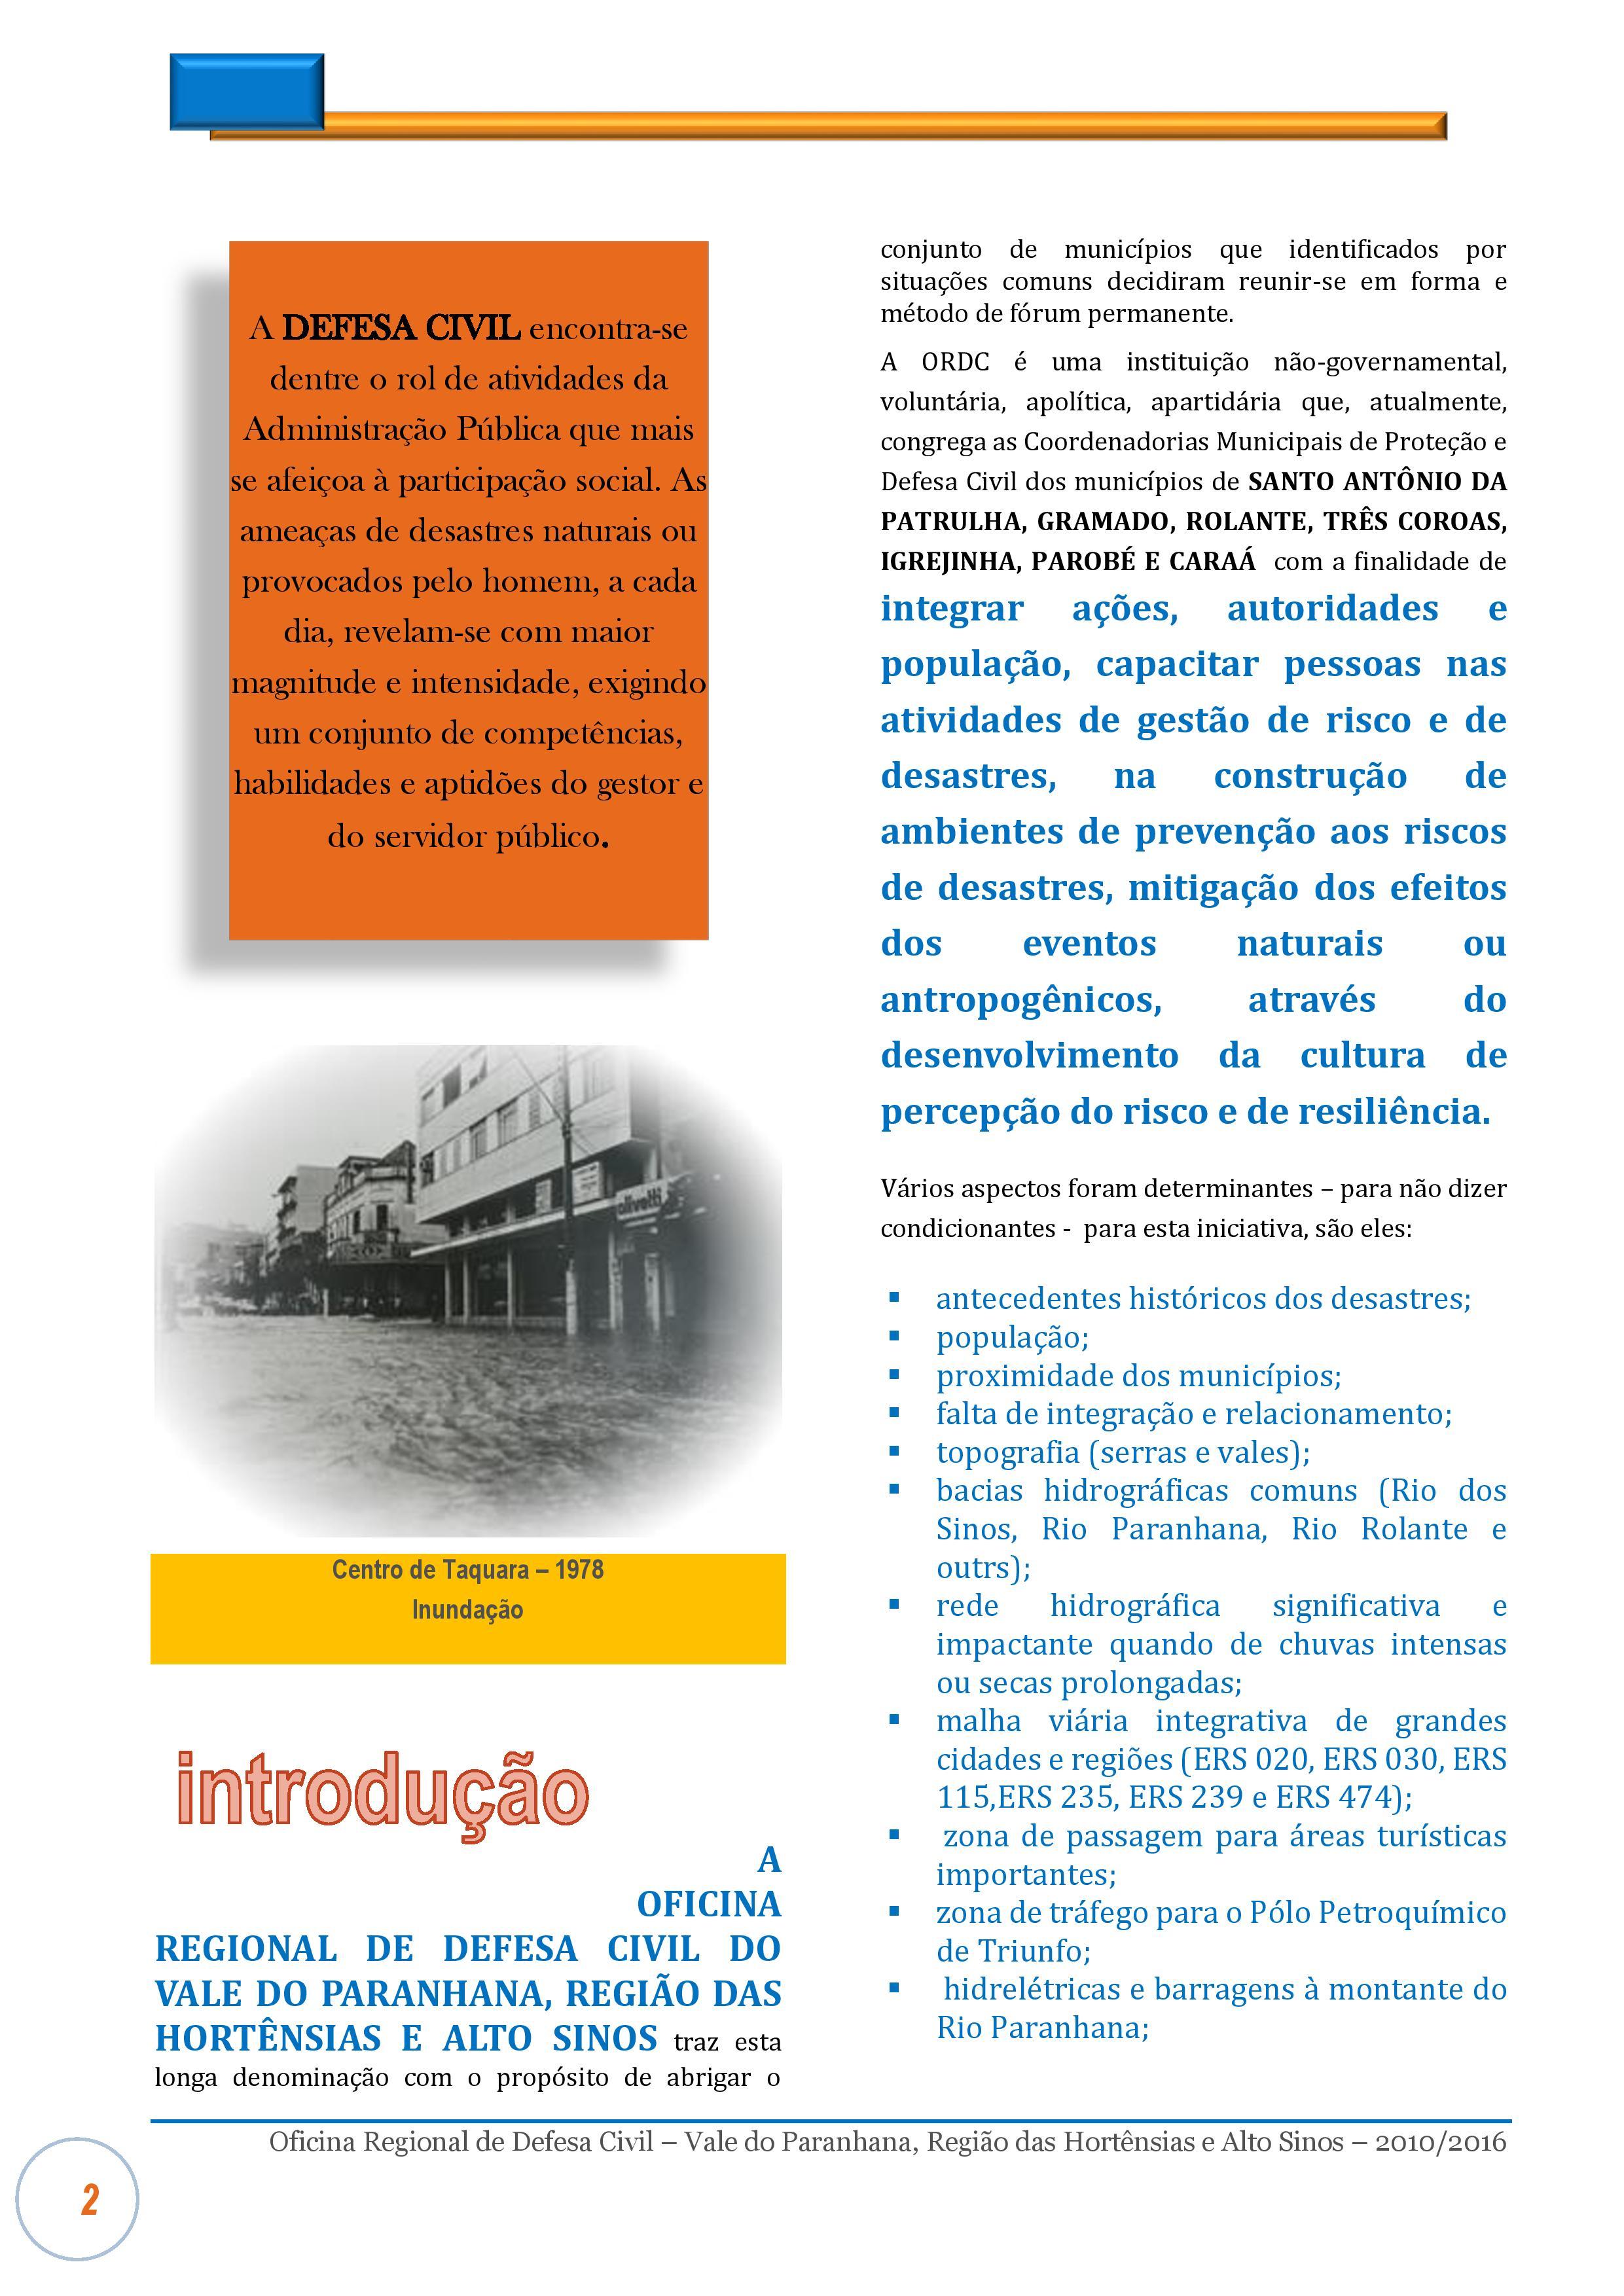 L_Histórico_ORPDC_Dez_2016 _final_2-page-002